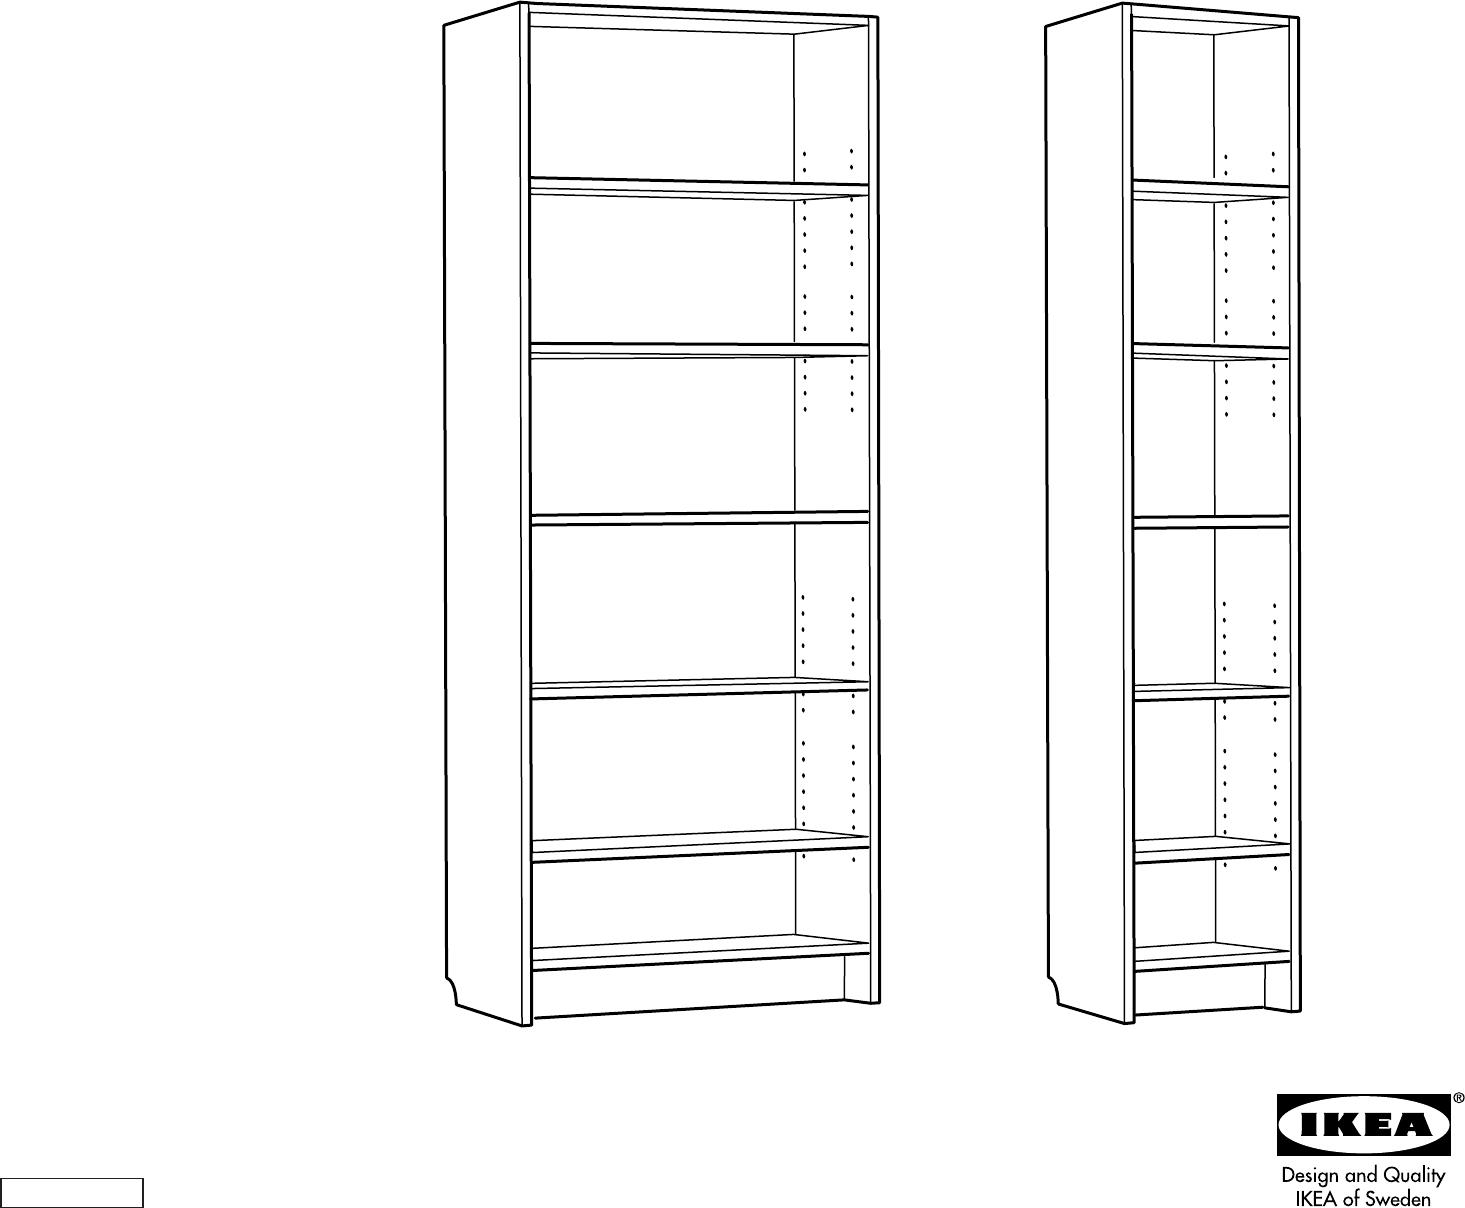 Bedienungsanleitung Ikea Billy boekenkast 2 (Seite 1 von 8) (Dänisch ...